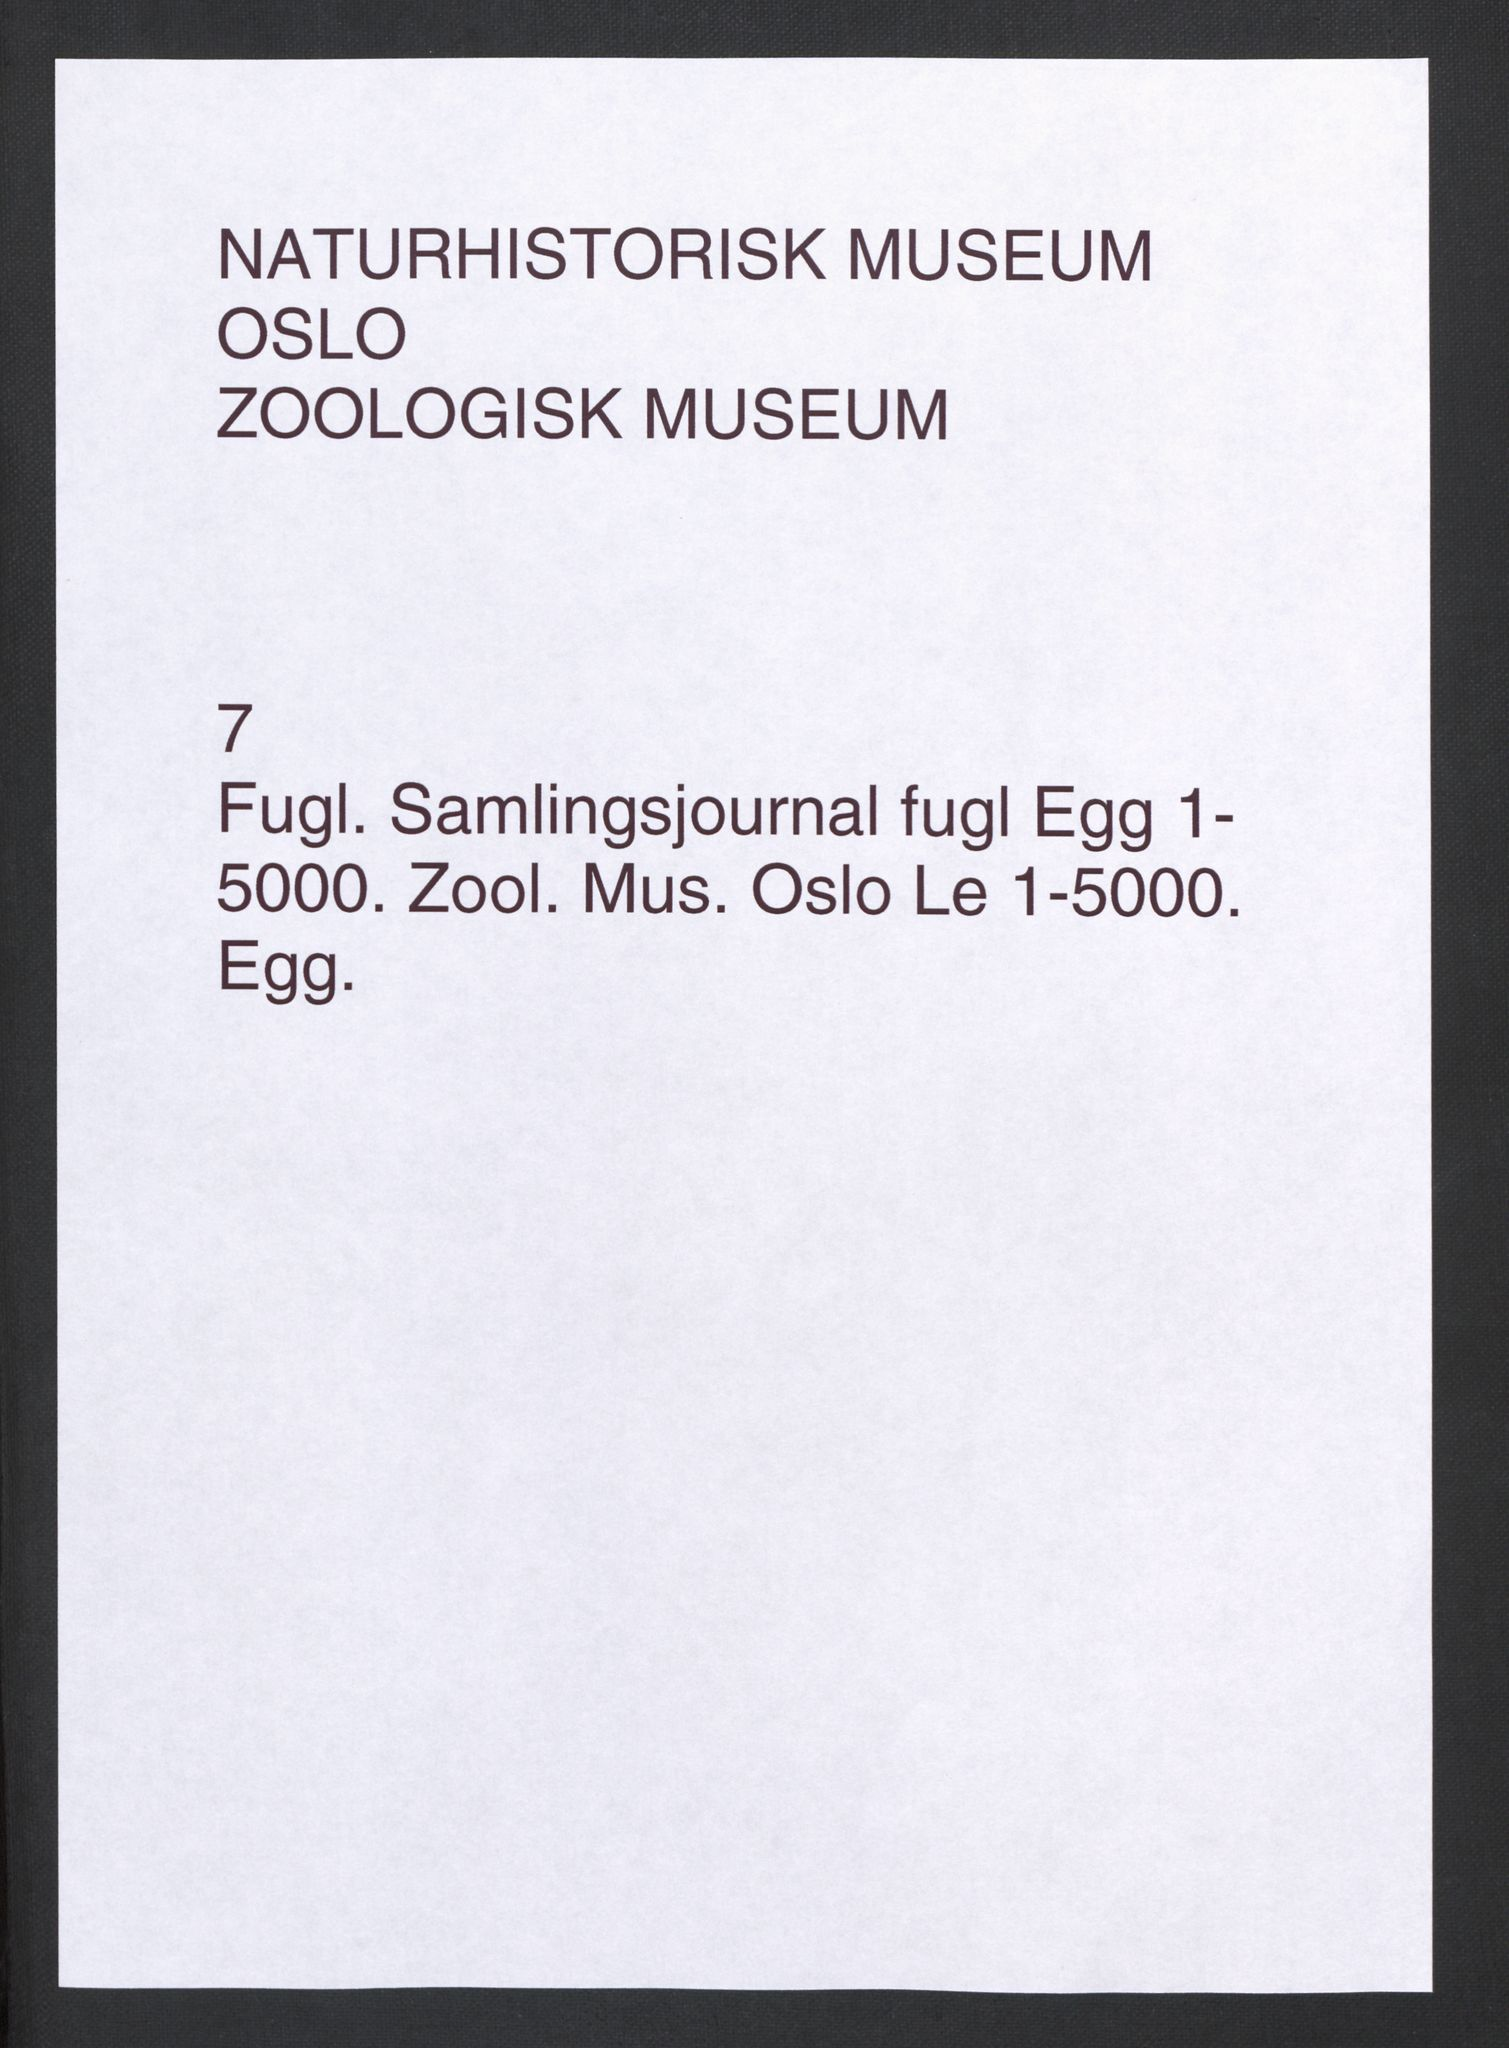 NHMO, Naturhistorisk museum (Oslo), 2: Fugl. Samlingsjournal. Fuglesamlingen, Eggsamling (Le), nr. 1-5000.